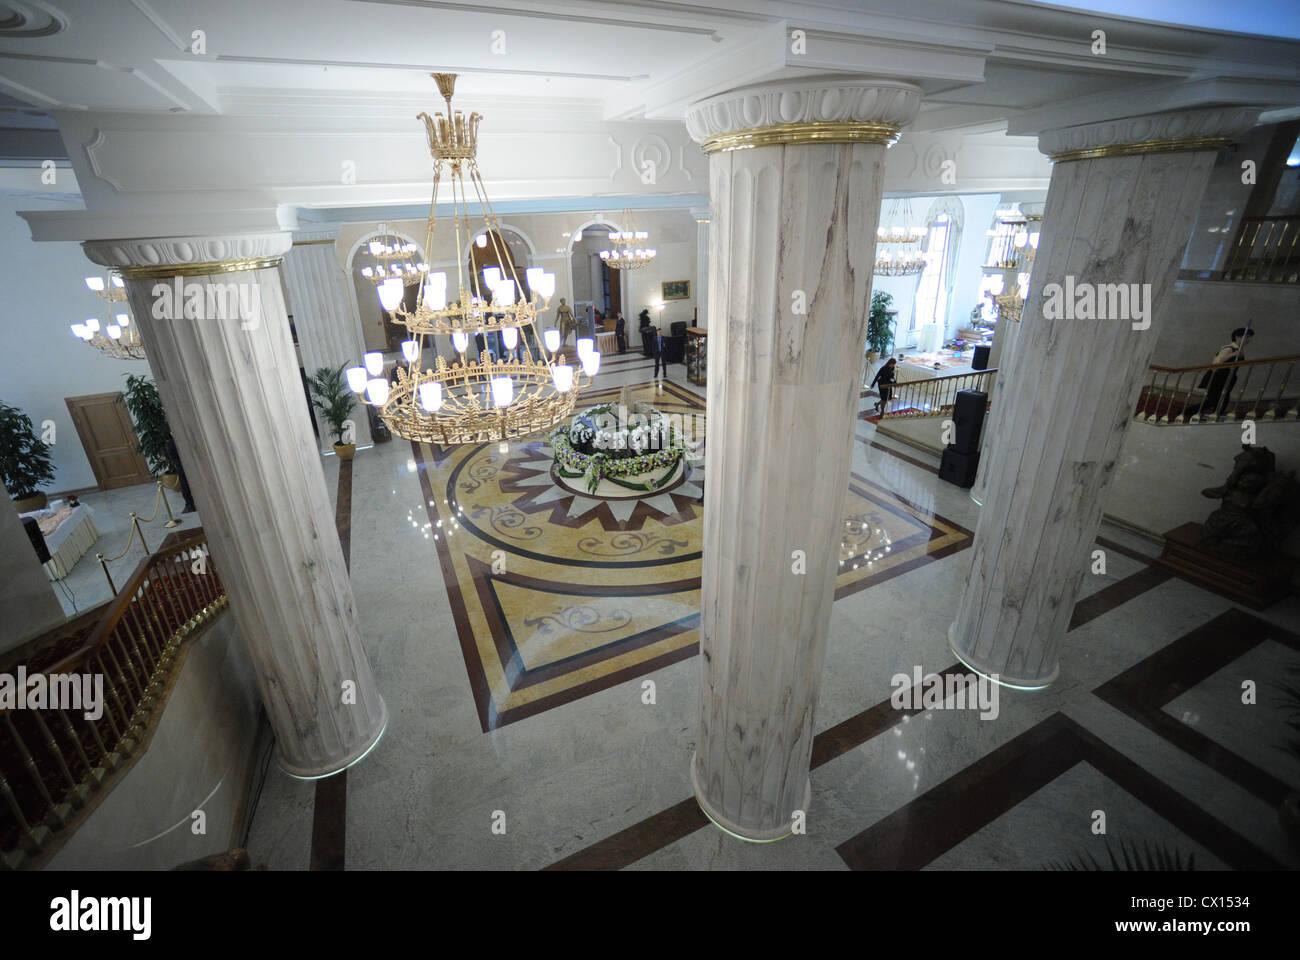 L'agence ITAR-TASS 49: MOSCOU, RUSSIE. Le 28 avril 2010. Les intérieurs de l'hôtel Ukraina rouvert comme Radisson Banque D'Images